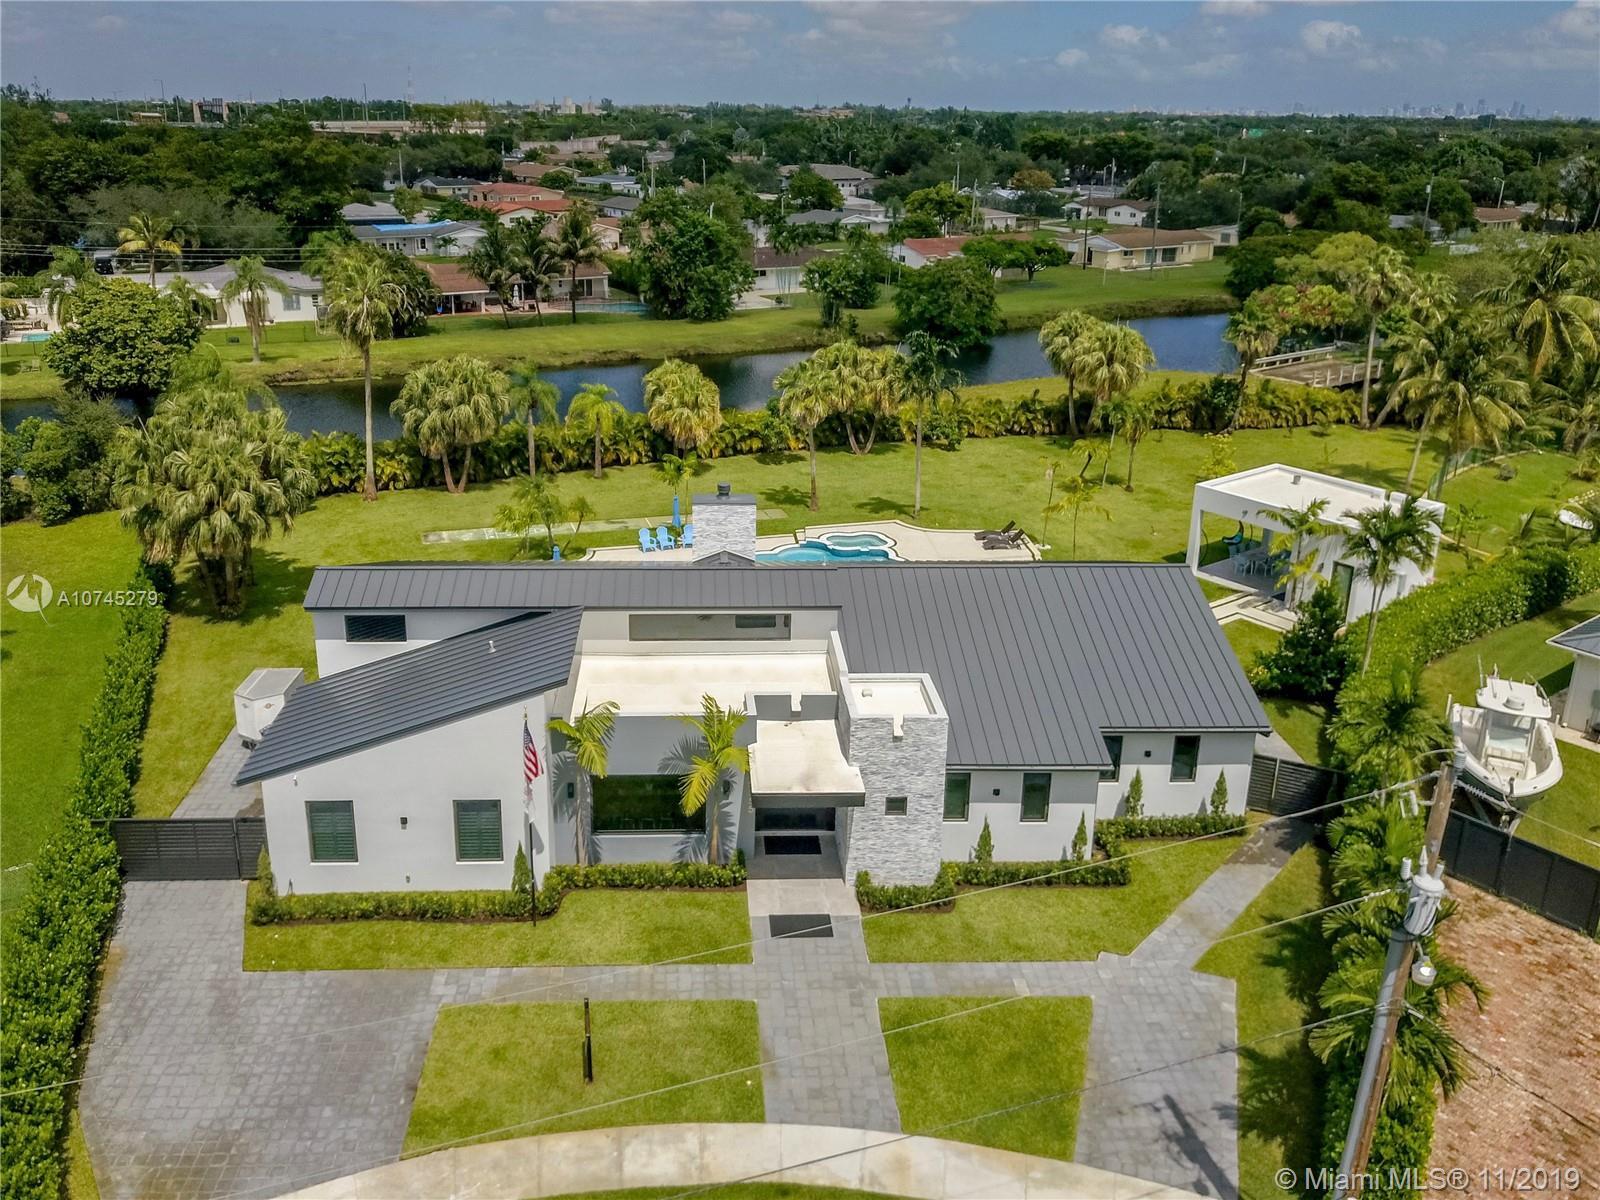 9355 SW 84th Ter, Miami, FL 33173 - Miami, FL real estate listing